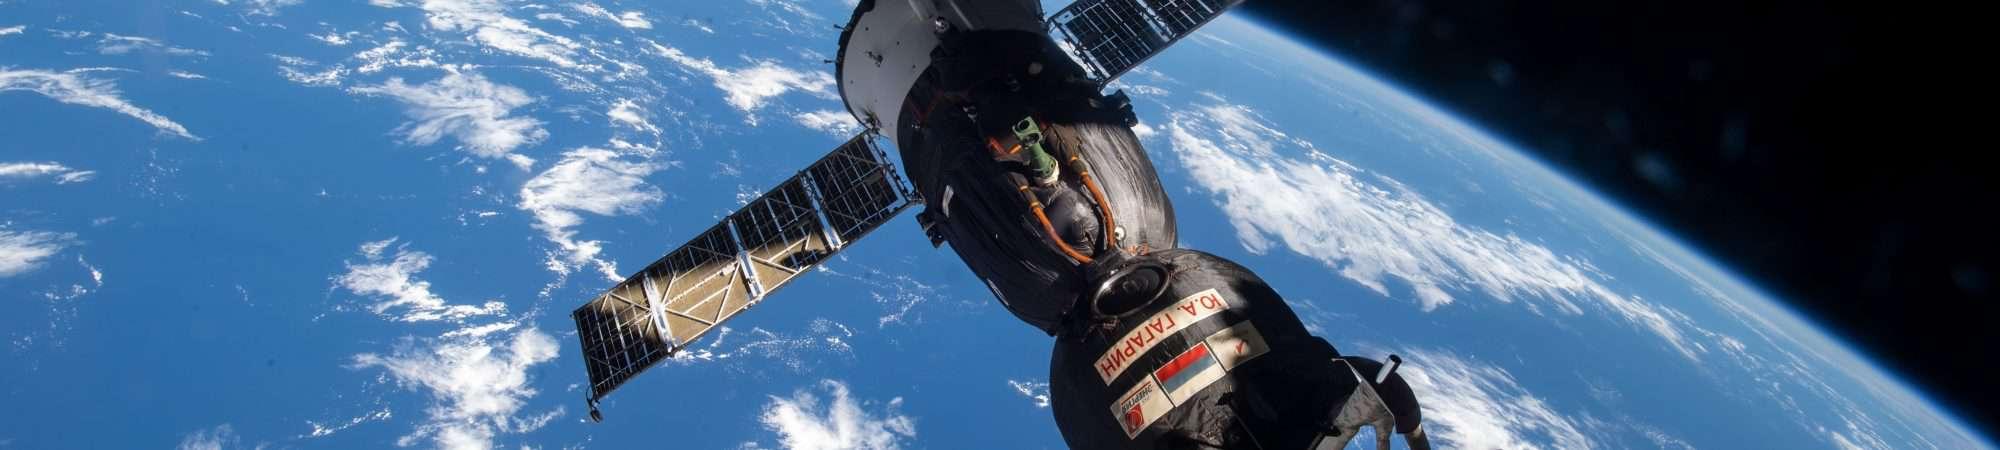 Atracada na ISS, a nave espacial Soyuz MS-18 será reposicionada para outro módulo na estação